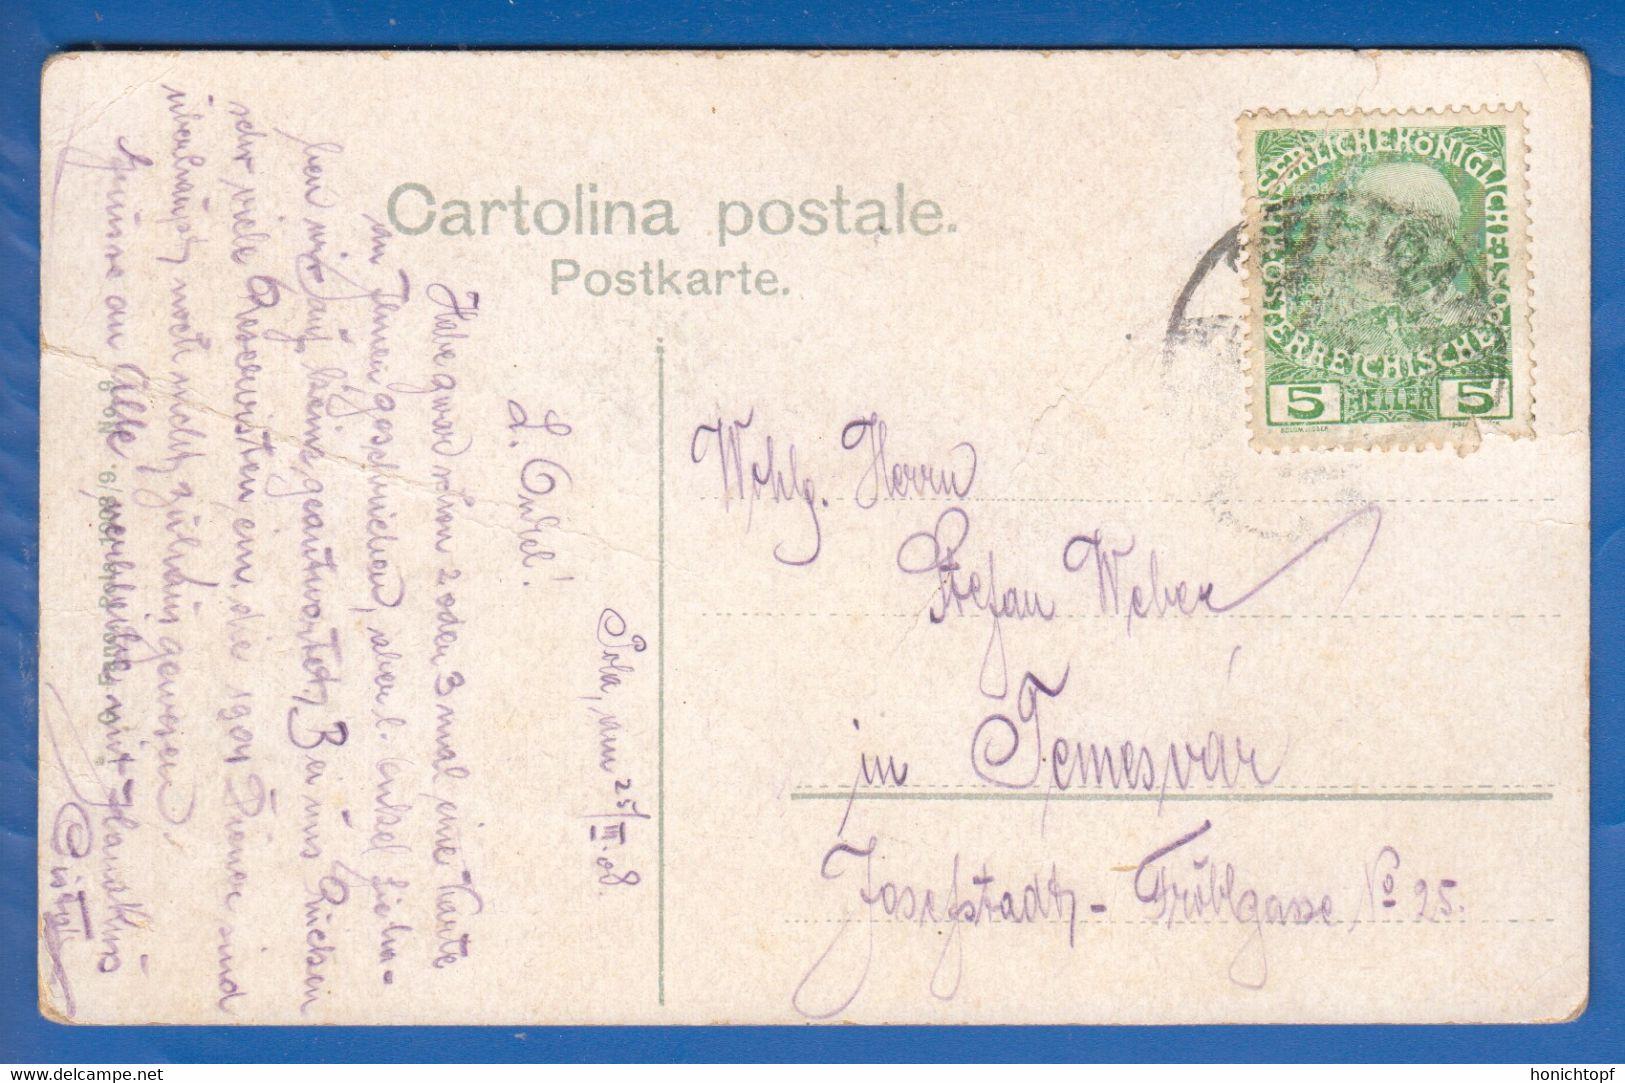 Croatia Kroatien Pula Pola K U K Maschinenschule 1908